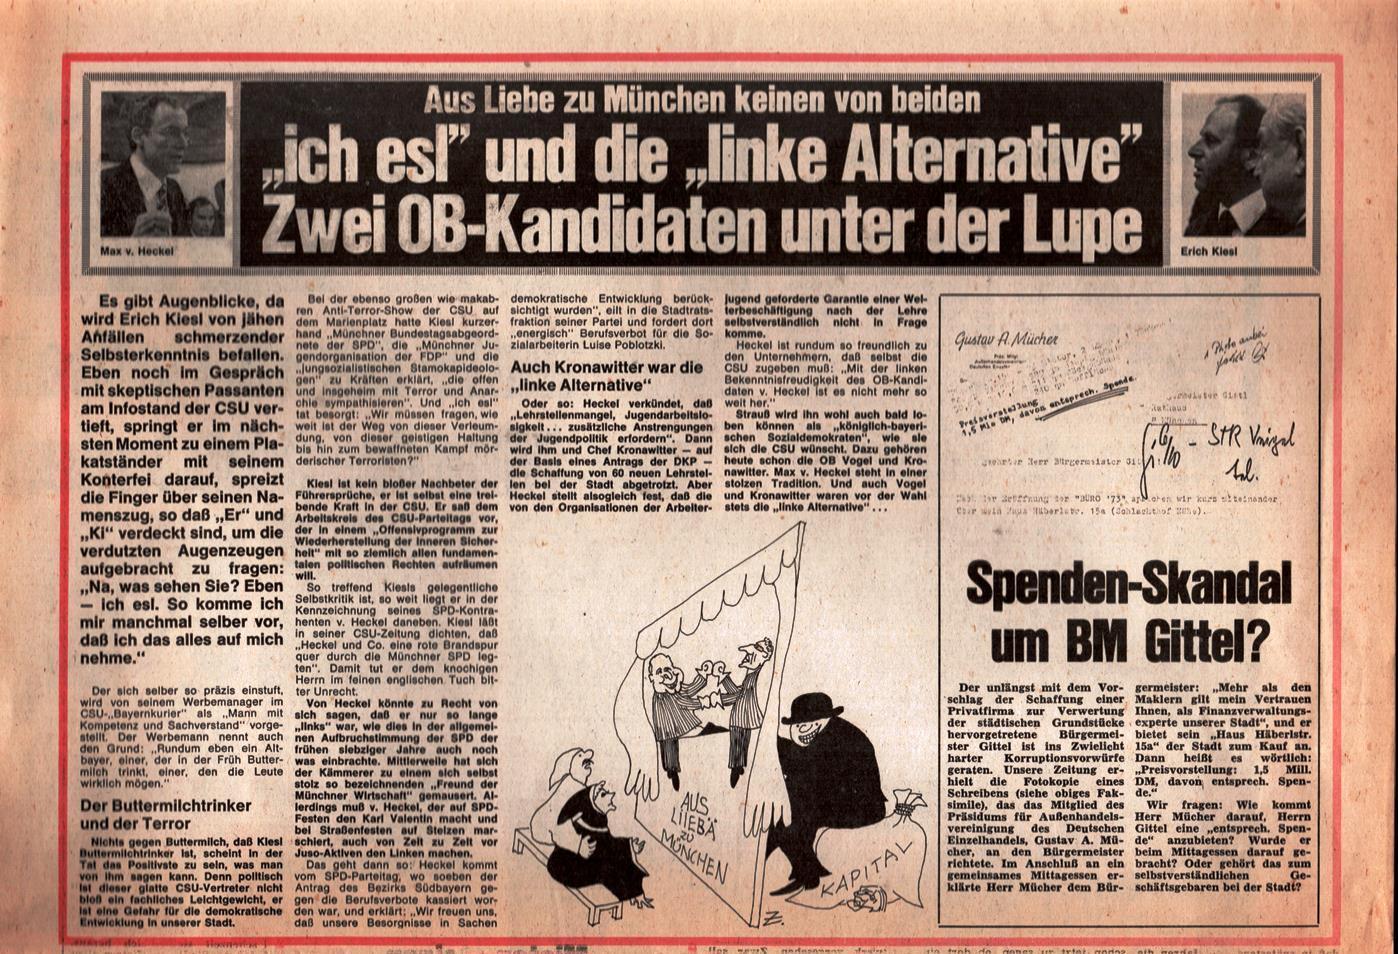 Muenchen_DKP_Neues_Muenchen_19771200_012_005